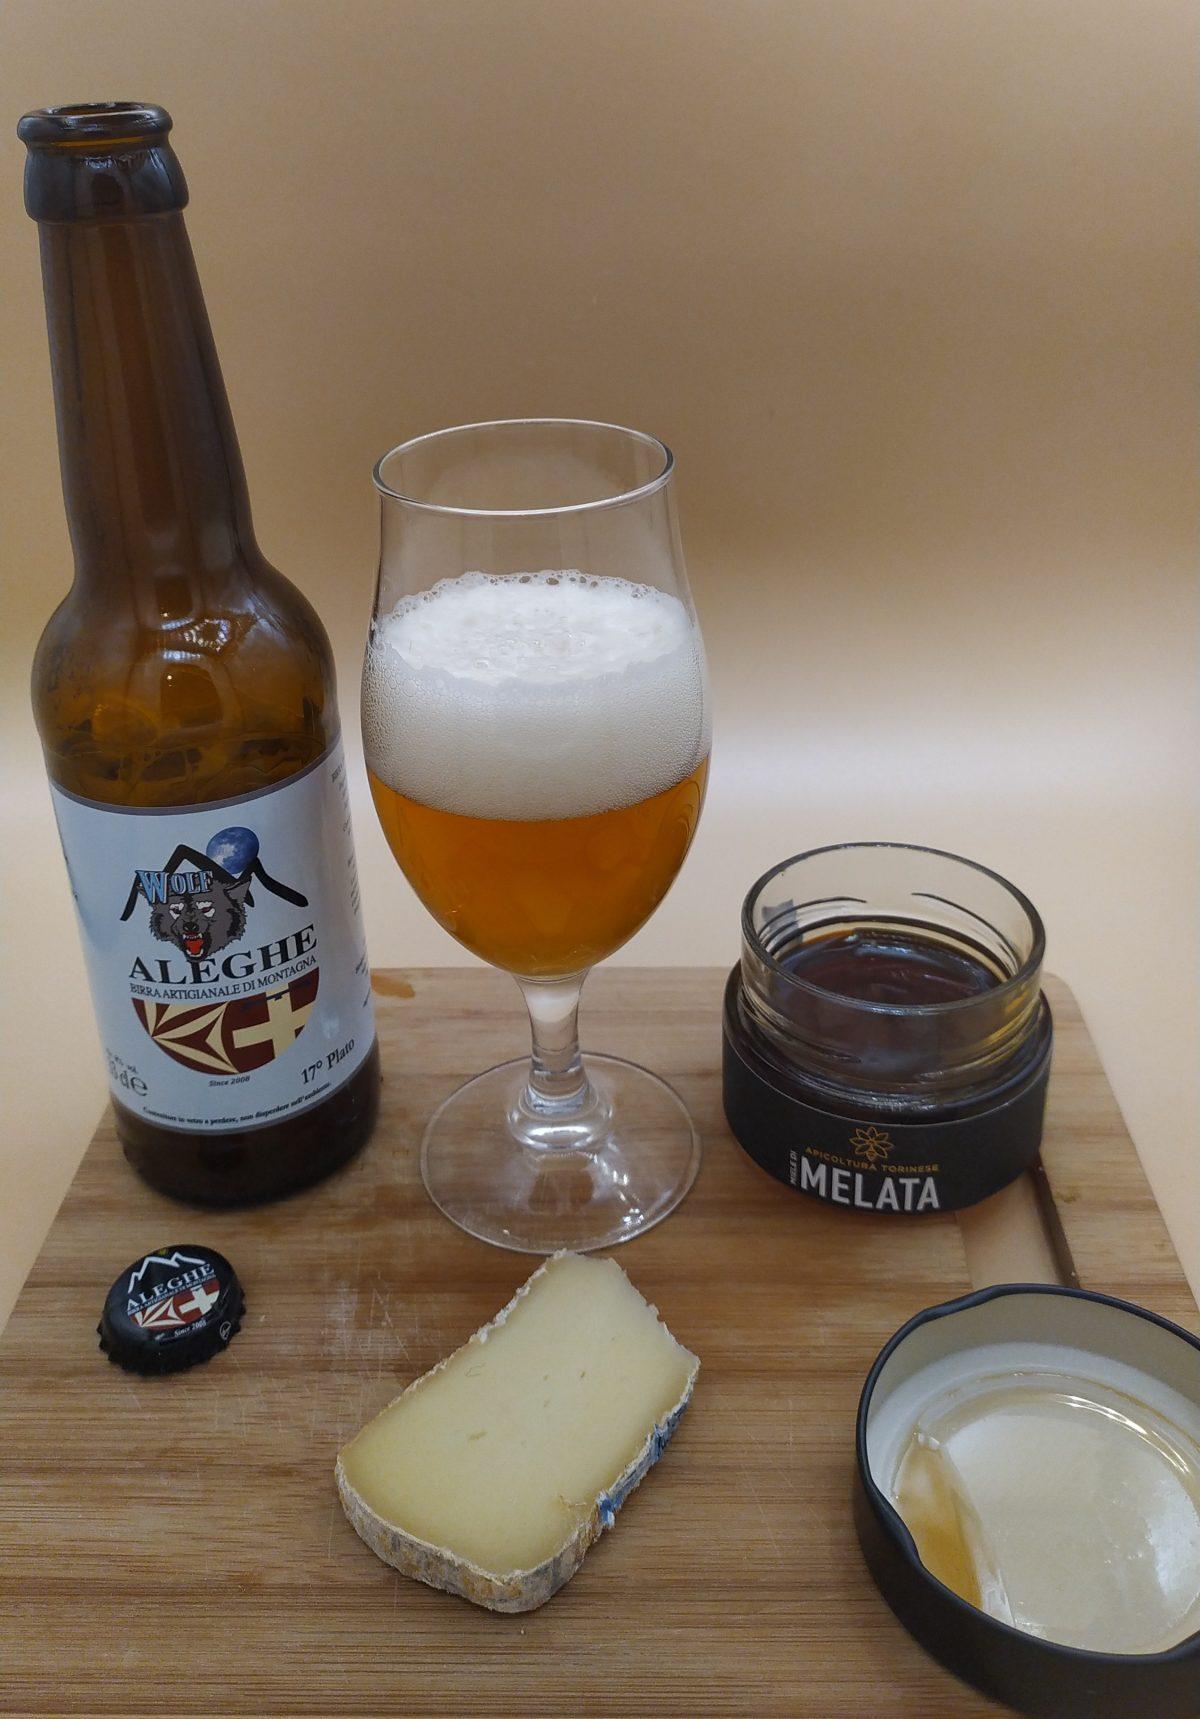 Aleghe Birra Wolf - Maccagno - Mielata